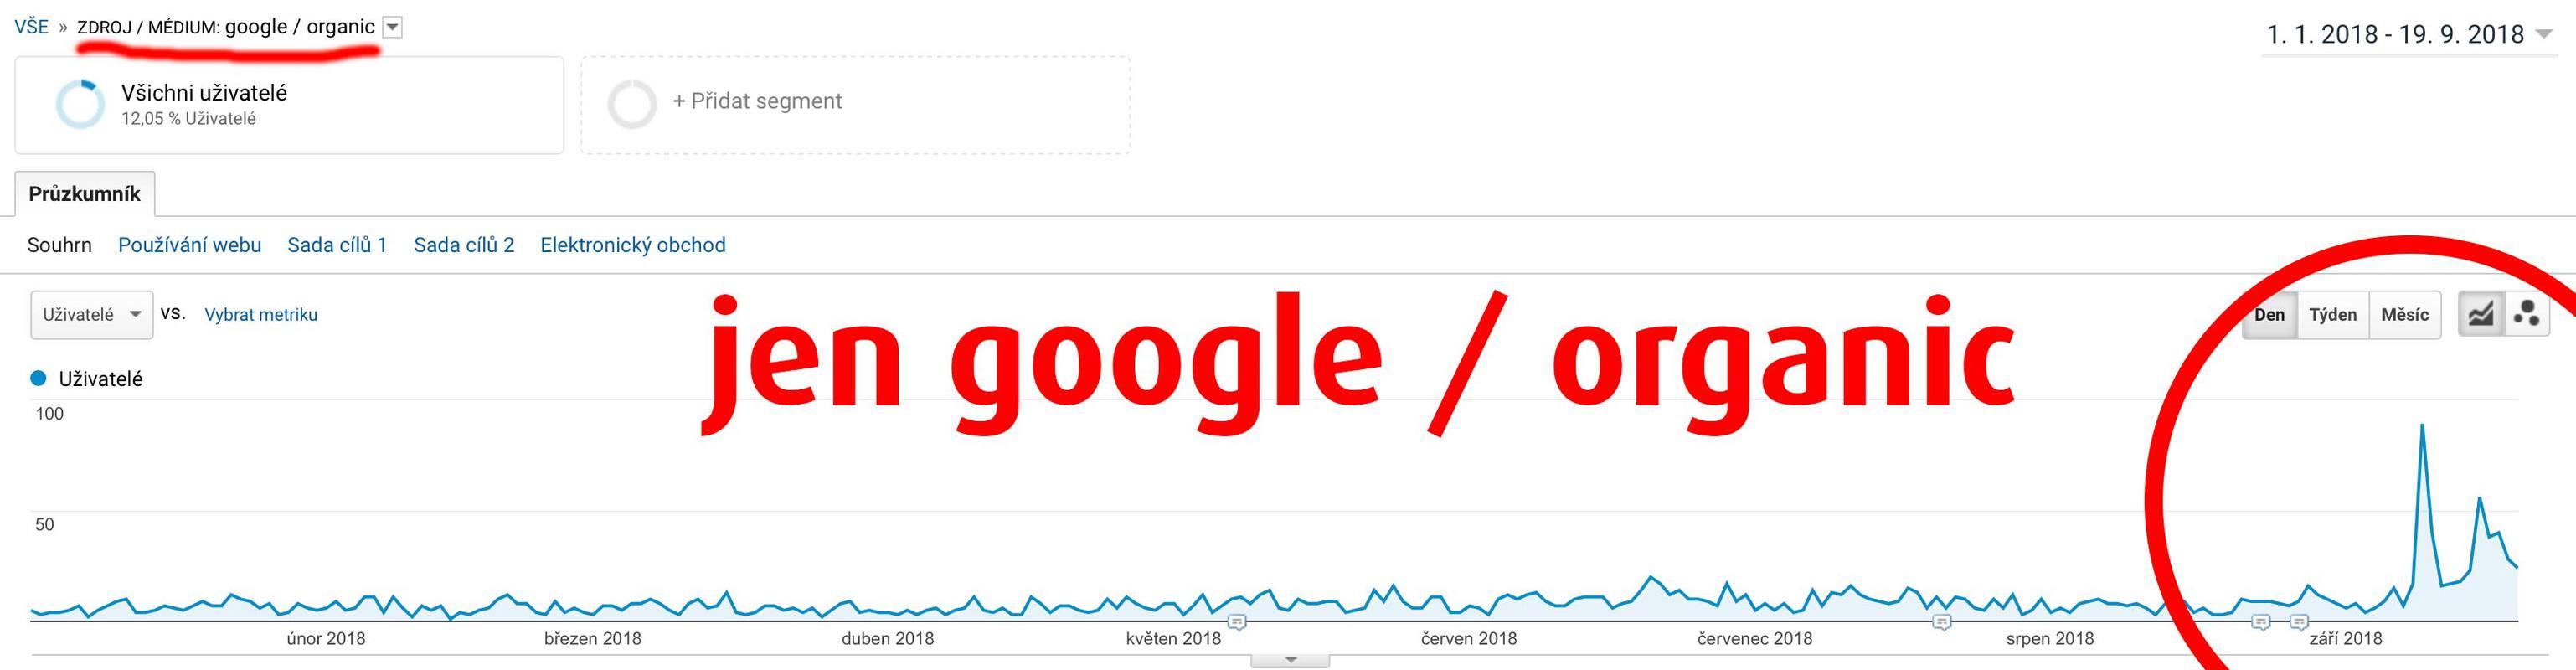 Návštěvnost blogu jen z google / organic